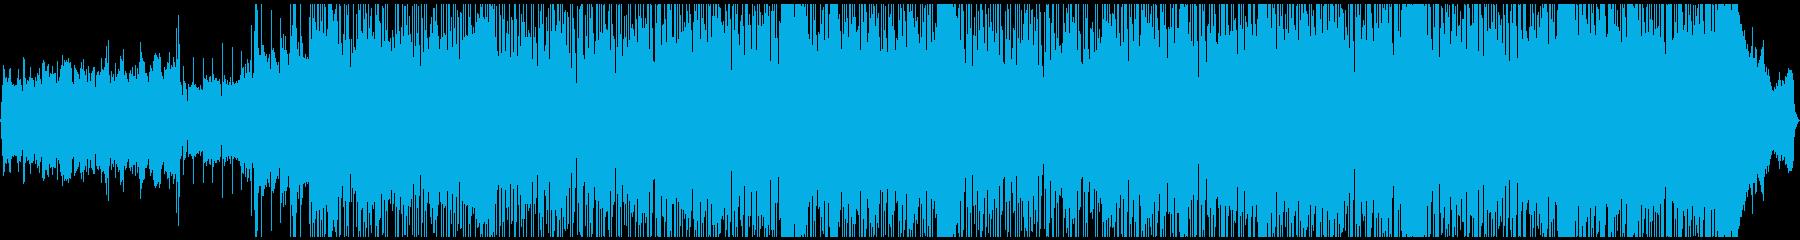 陽気なブラスセクション・ハードロックの再生済みの波形